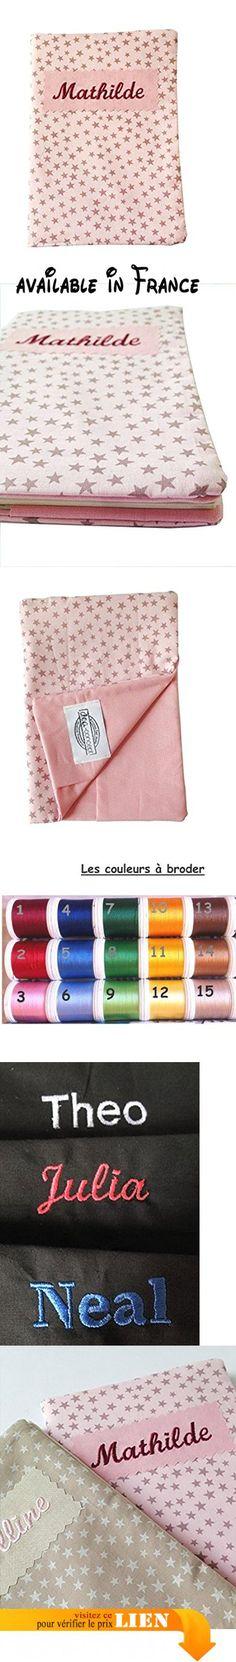 Protège carnet de santé bébé - coton rose imprimé d'étoiles mauves - broderie prénom.  #Guild Product #GUILD_BABY